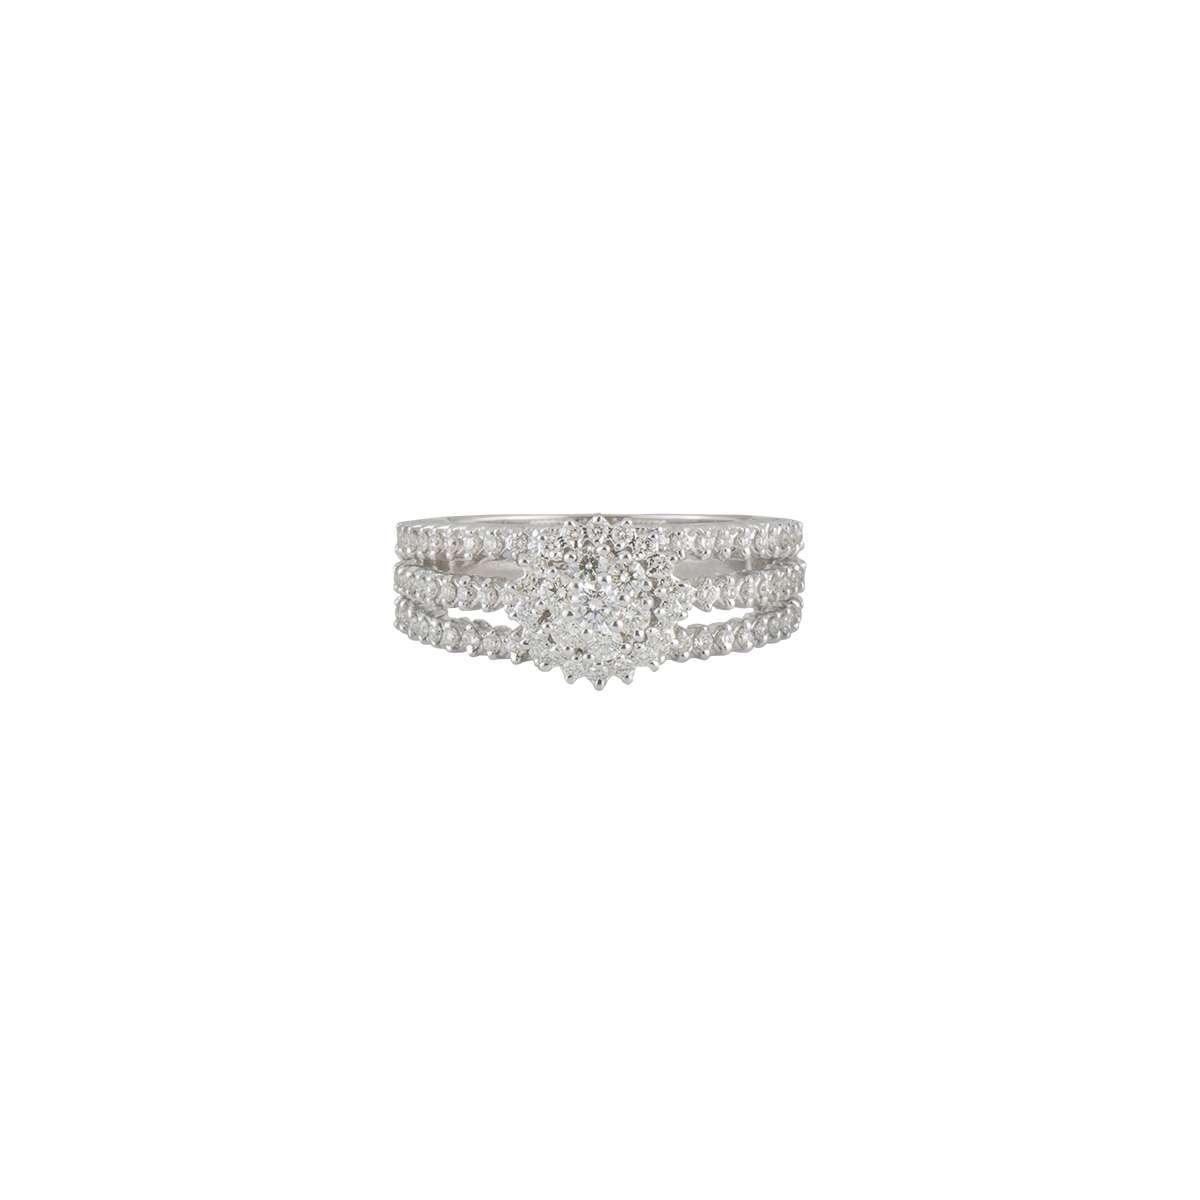 18k White Gold Diamond Ring 1.27ct